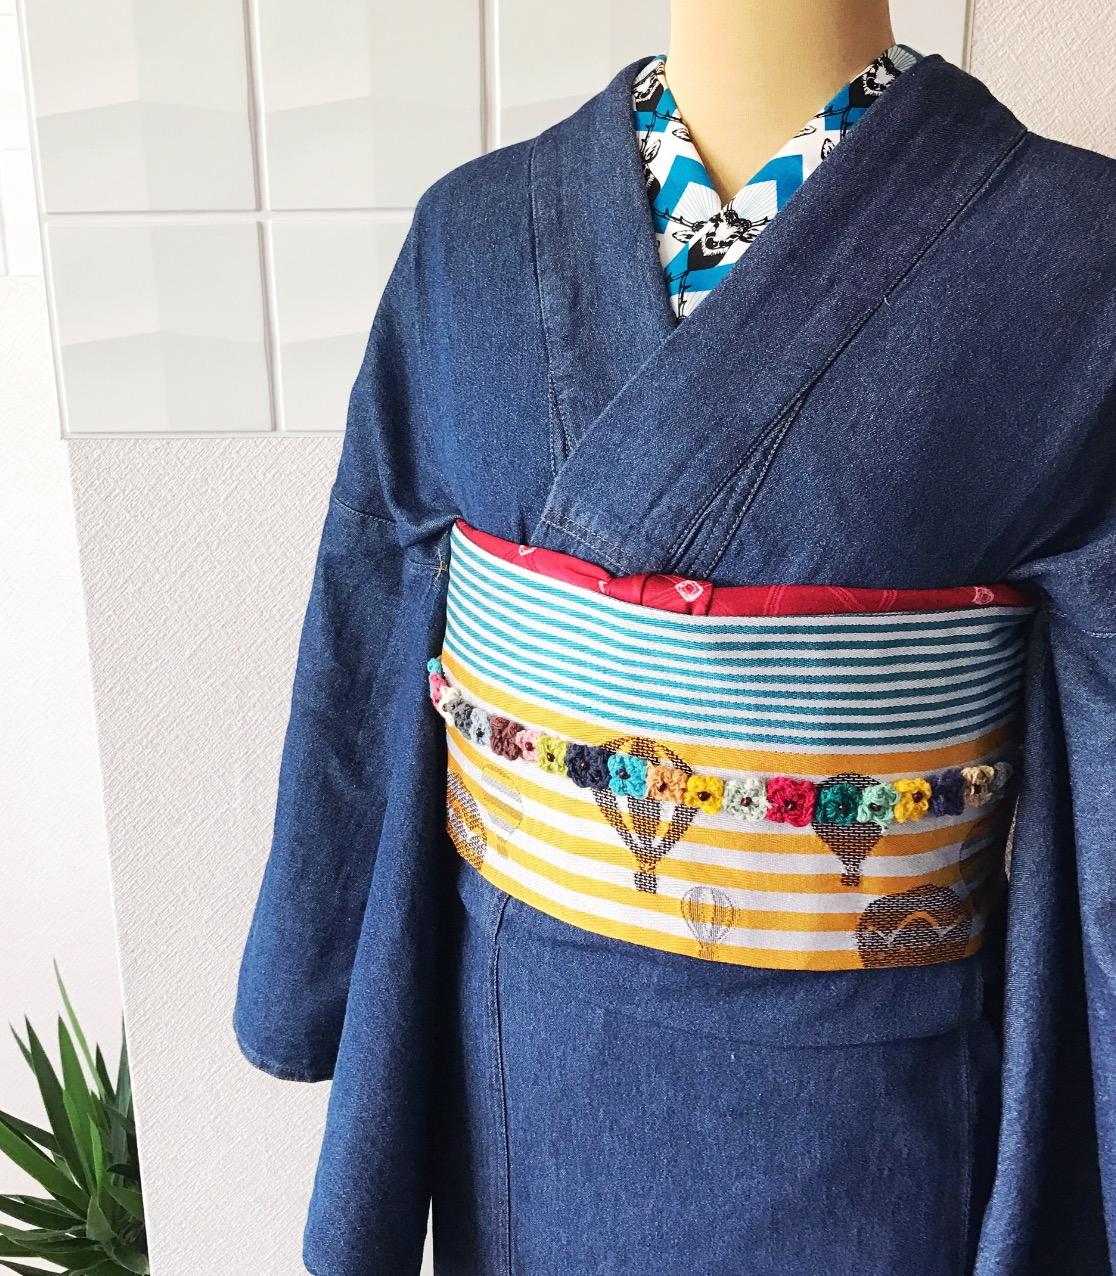 北九州 着物レンタル 着付け mugi 可愛い オシャレ ふだん着物